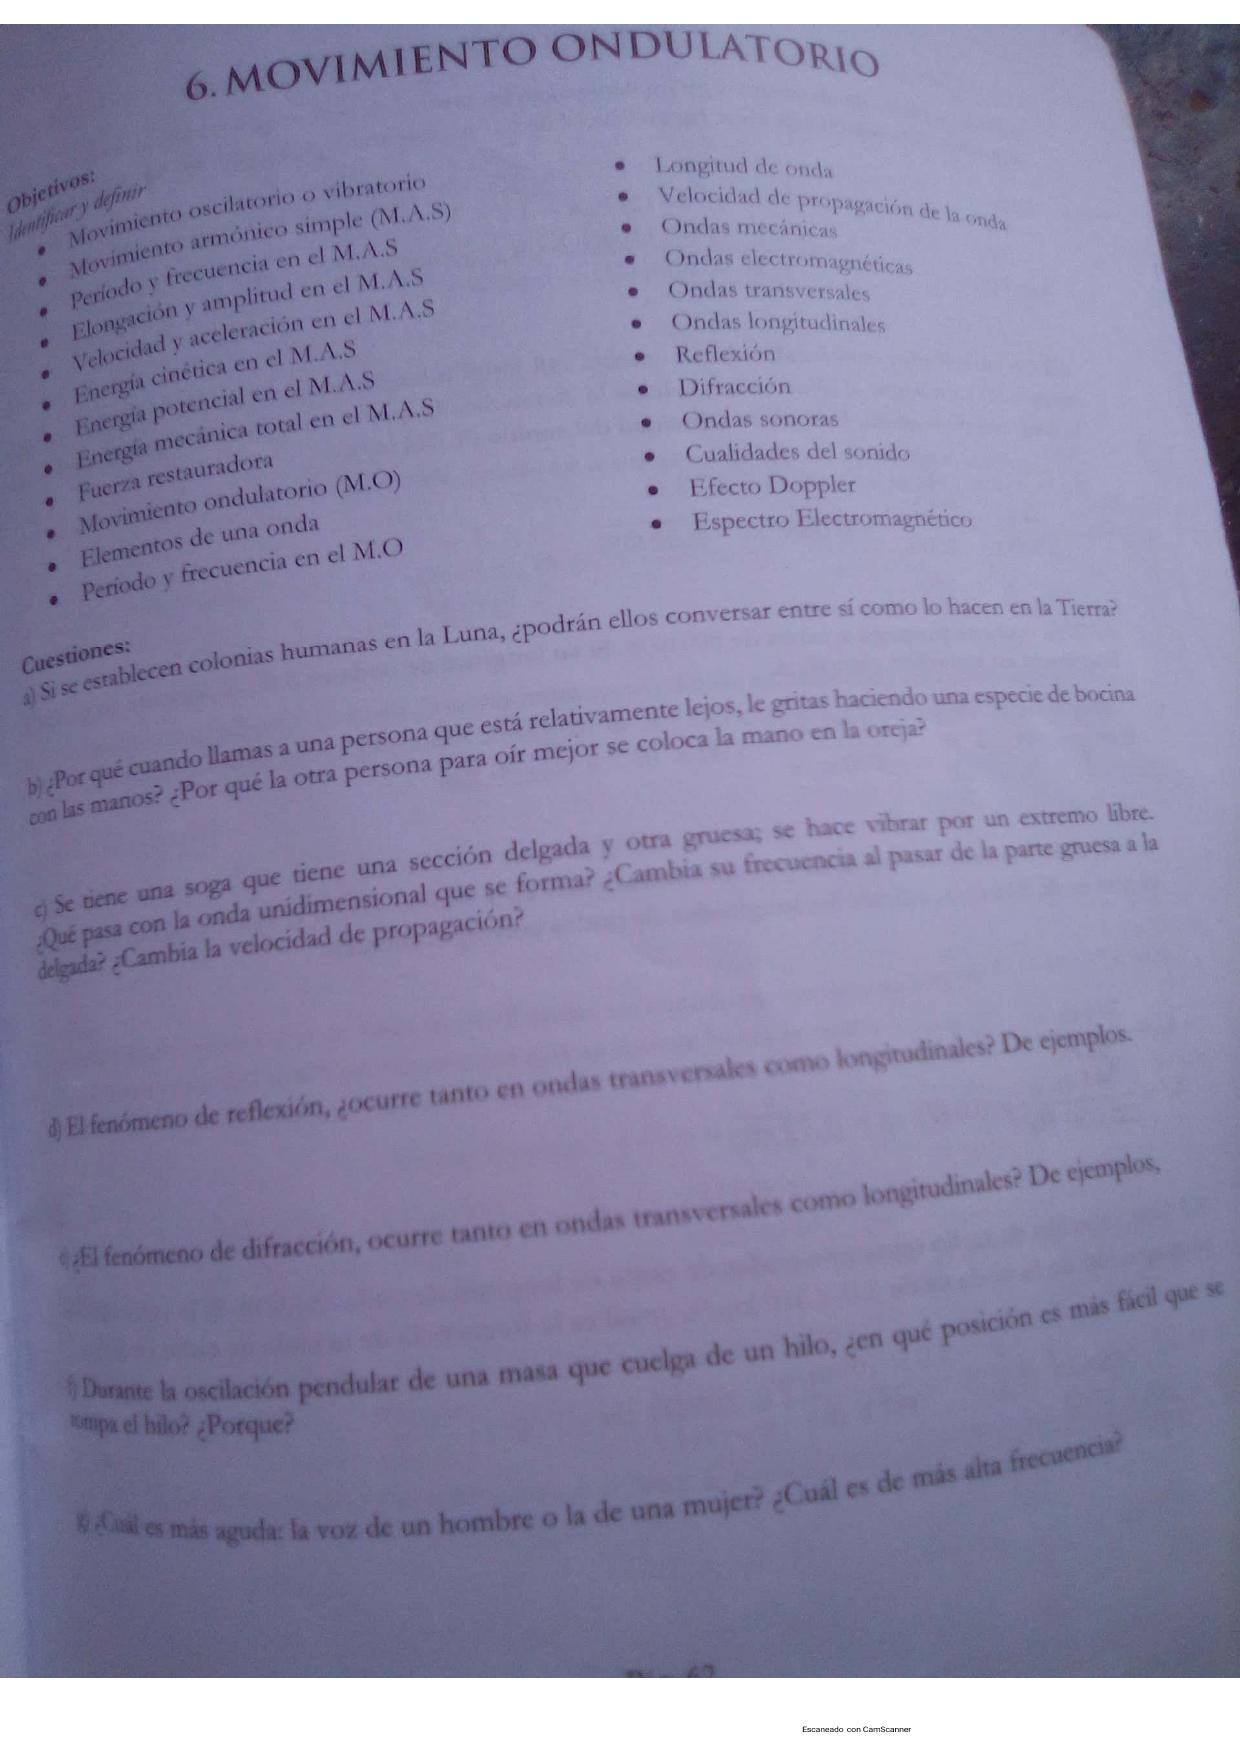 cuaderno-de-trabajo-f-sica-b-sica-page-0062